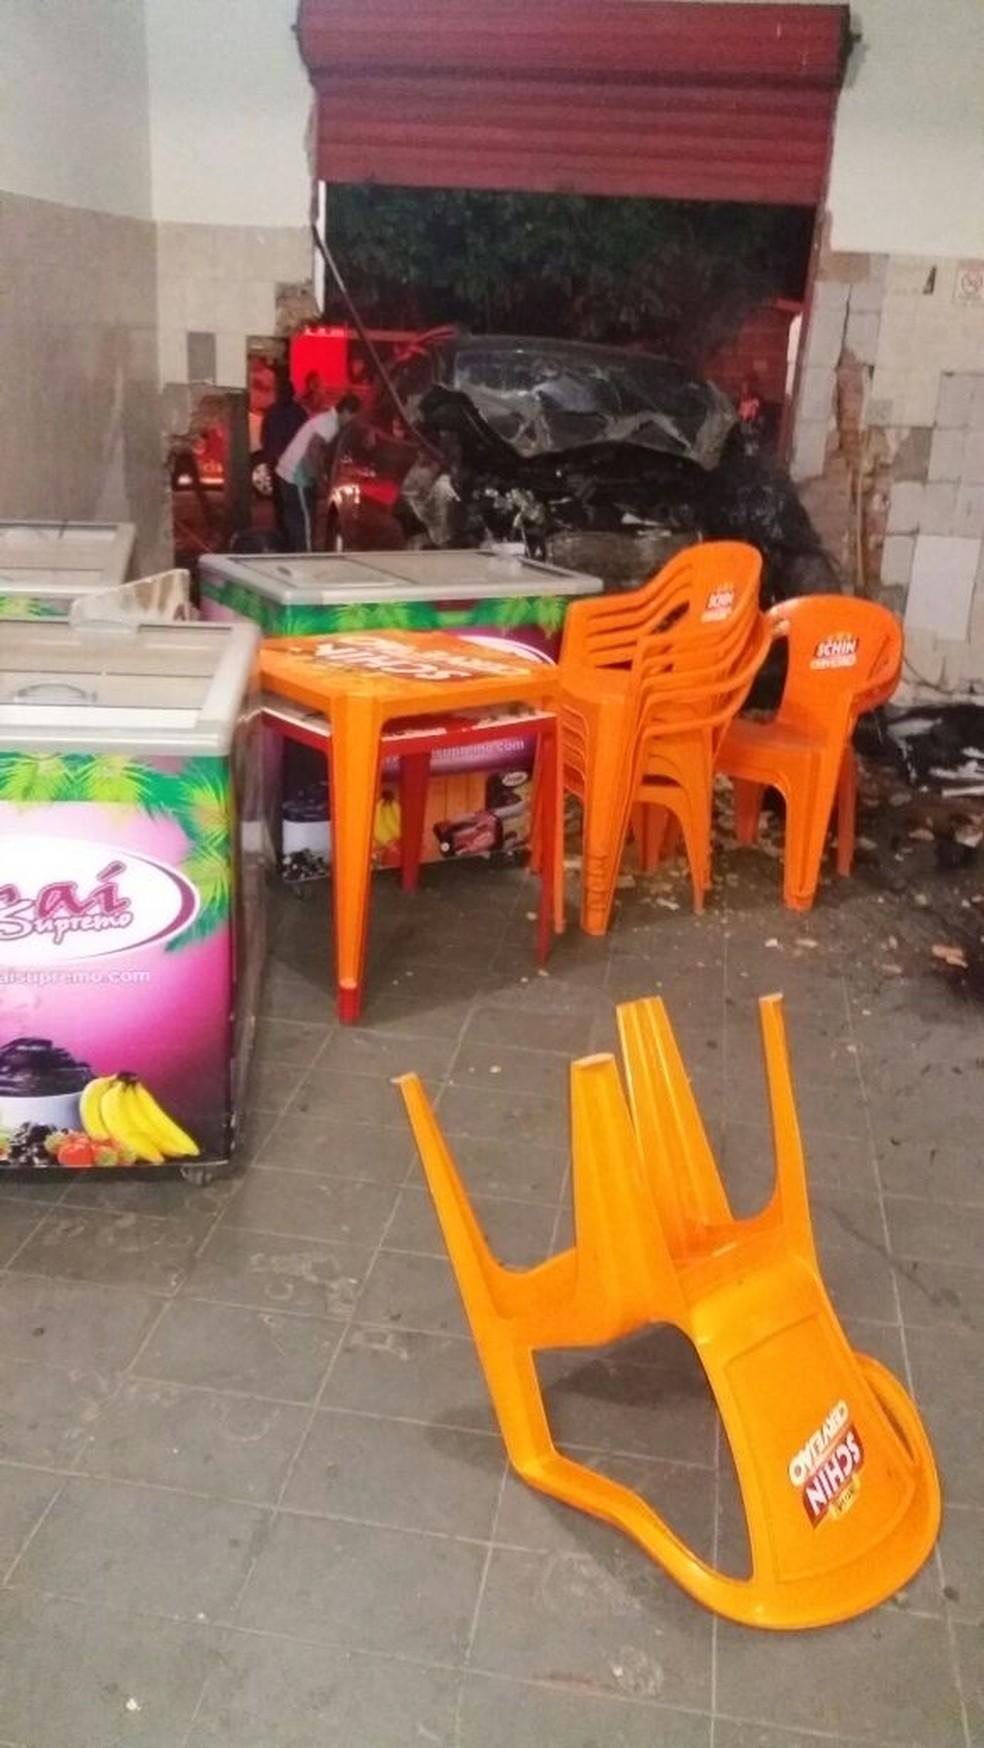 Mesas e um freezer foram arrastados pelo carro, mas por sorte nenhum cliente do bar foi atropelado (Foto: Marília Urgente / Divulgação )